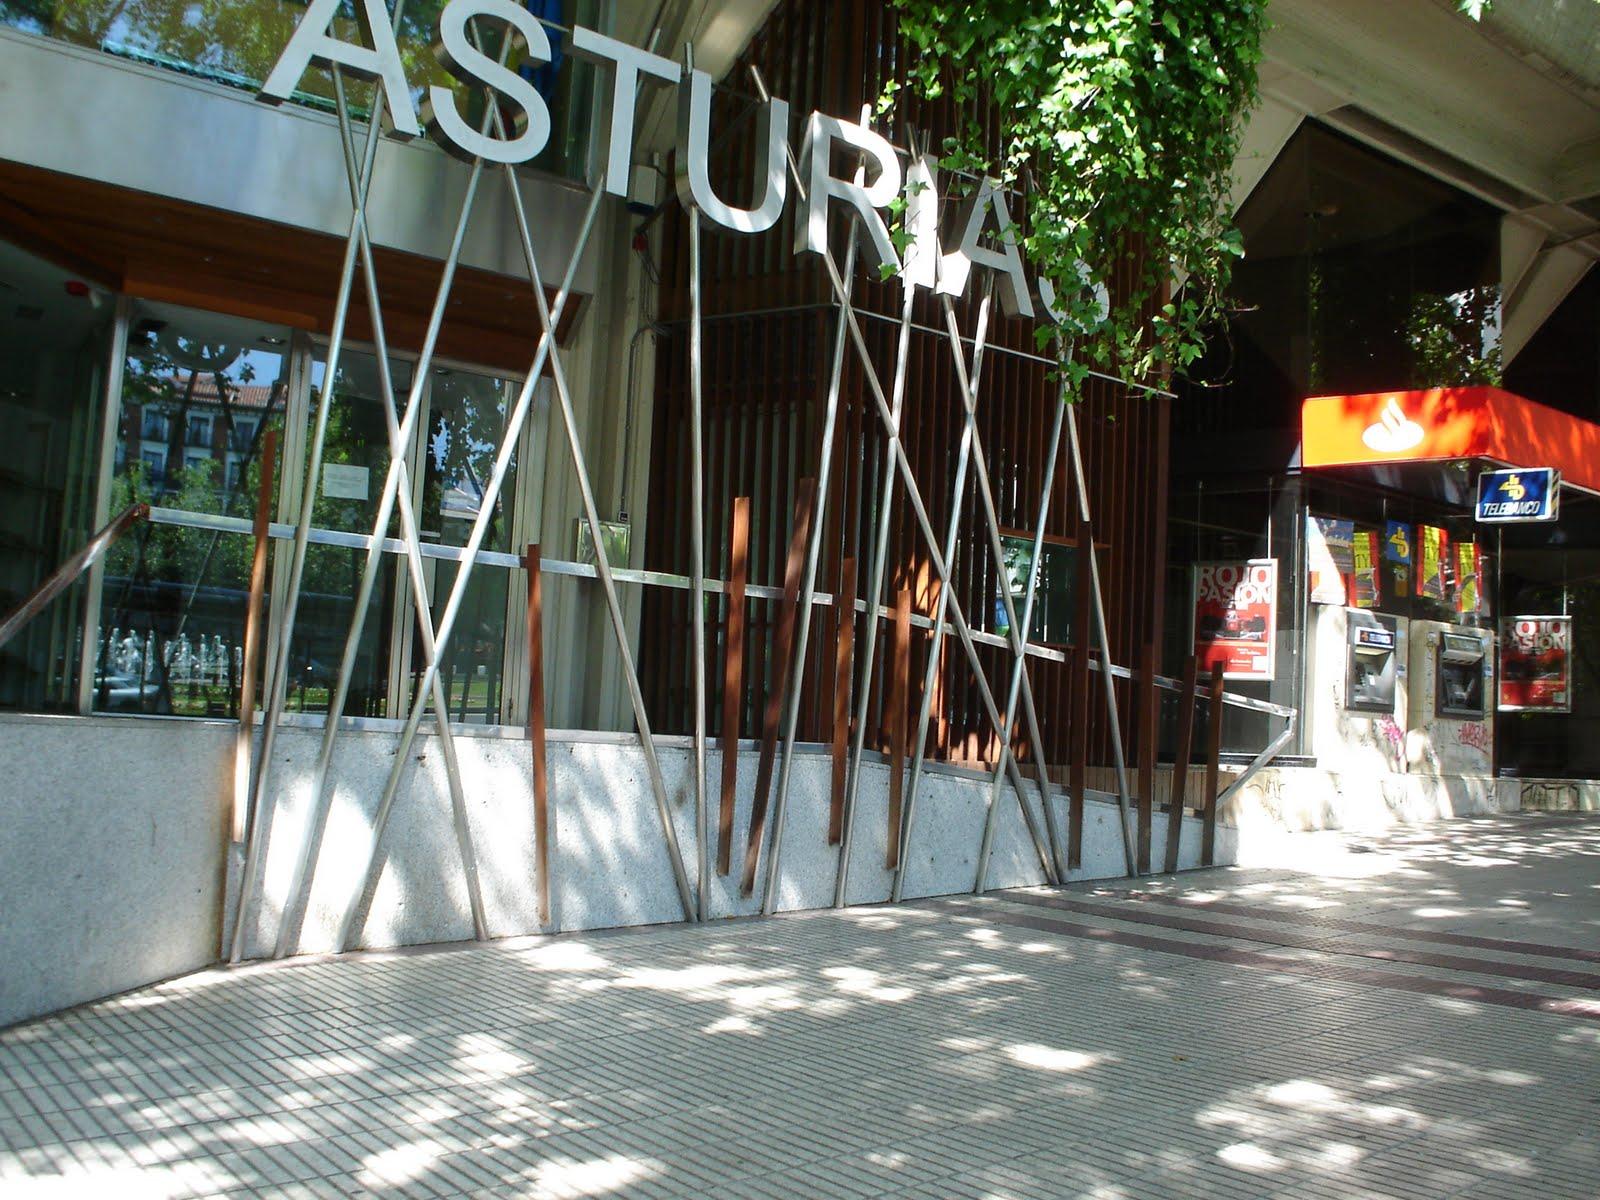 Buscador de madrid casa de asturias en la calle san bernardo - Casa de asturias madrid ...